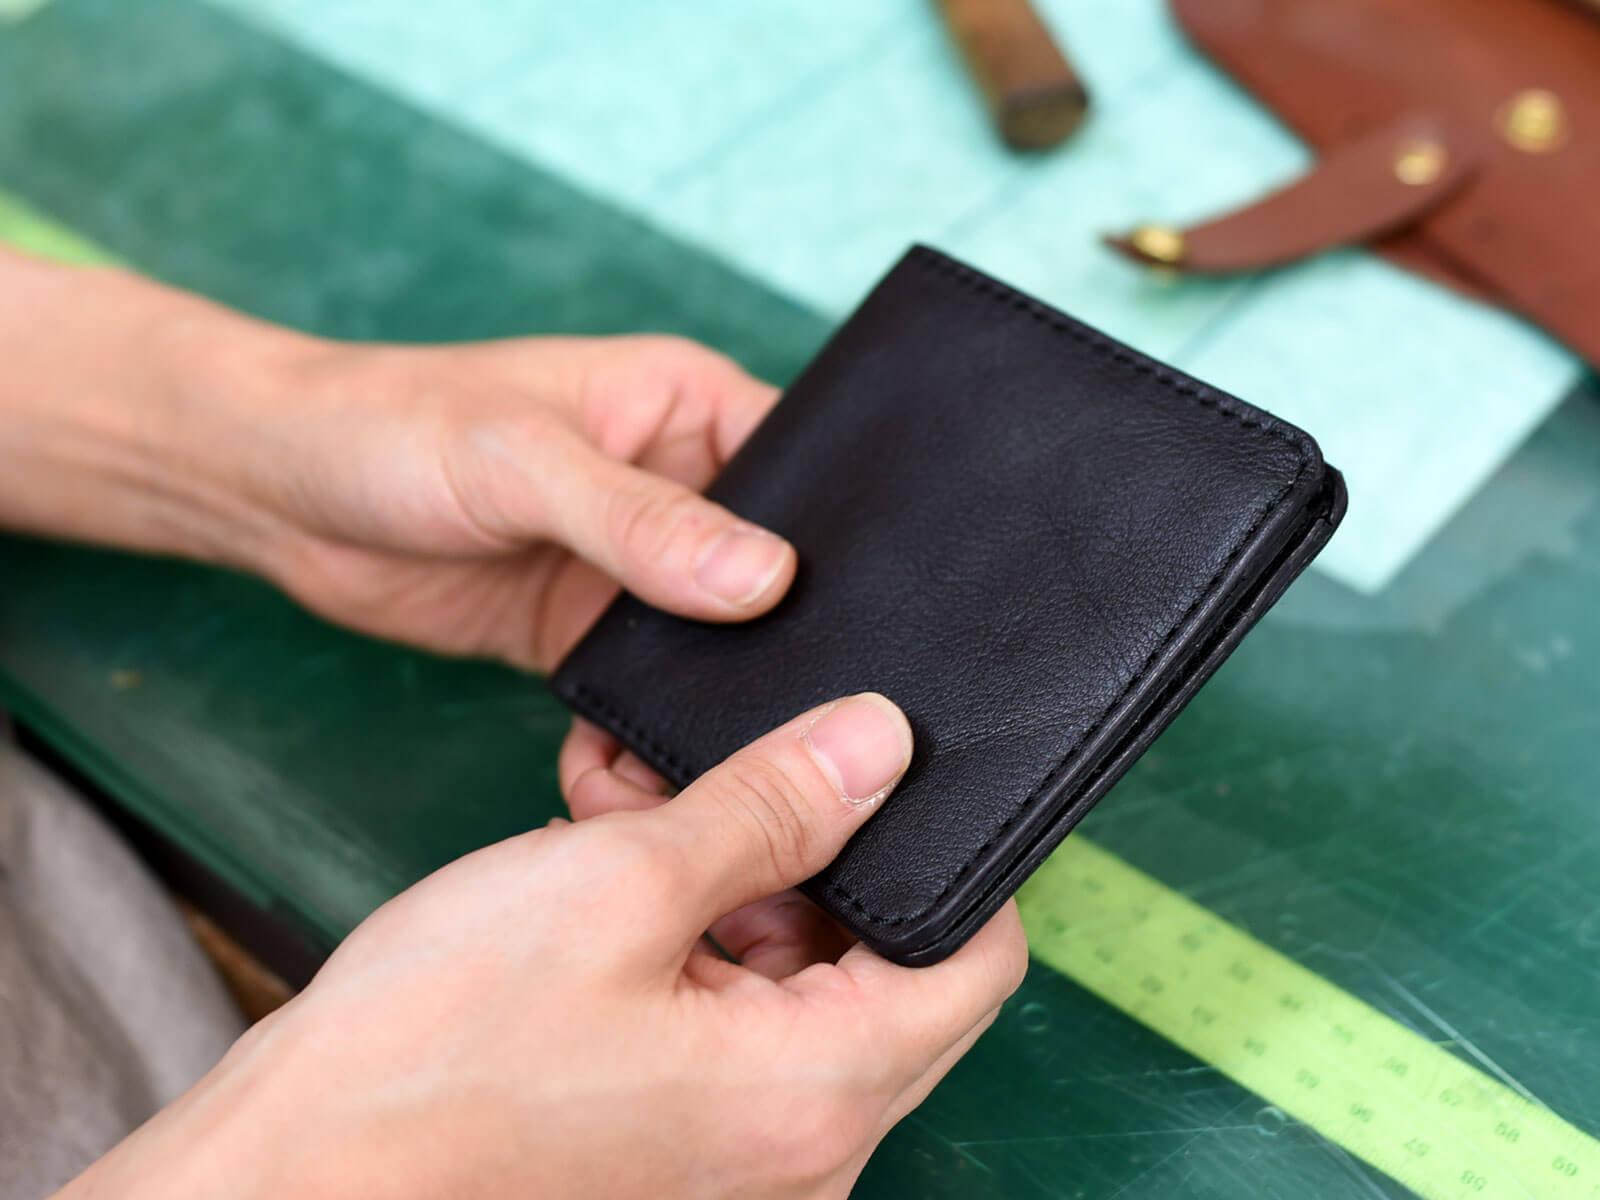 フォーマルにも使えそうなスリム財布を試作中